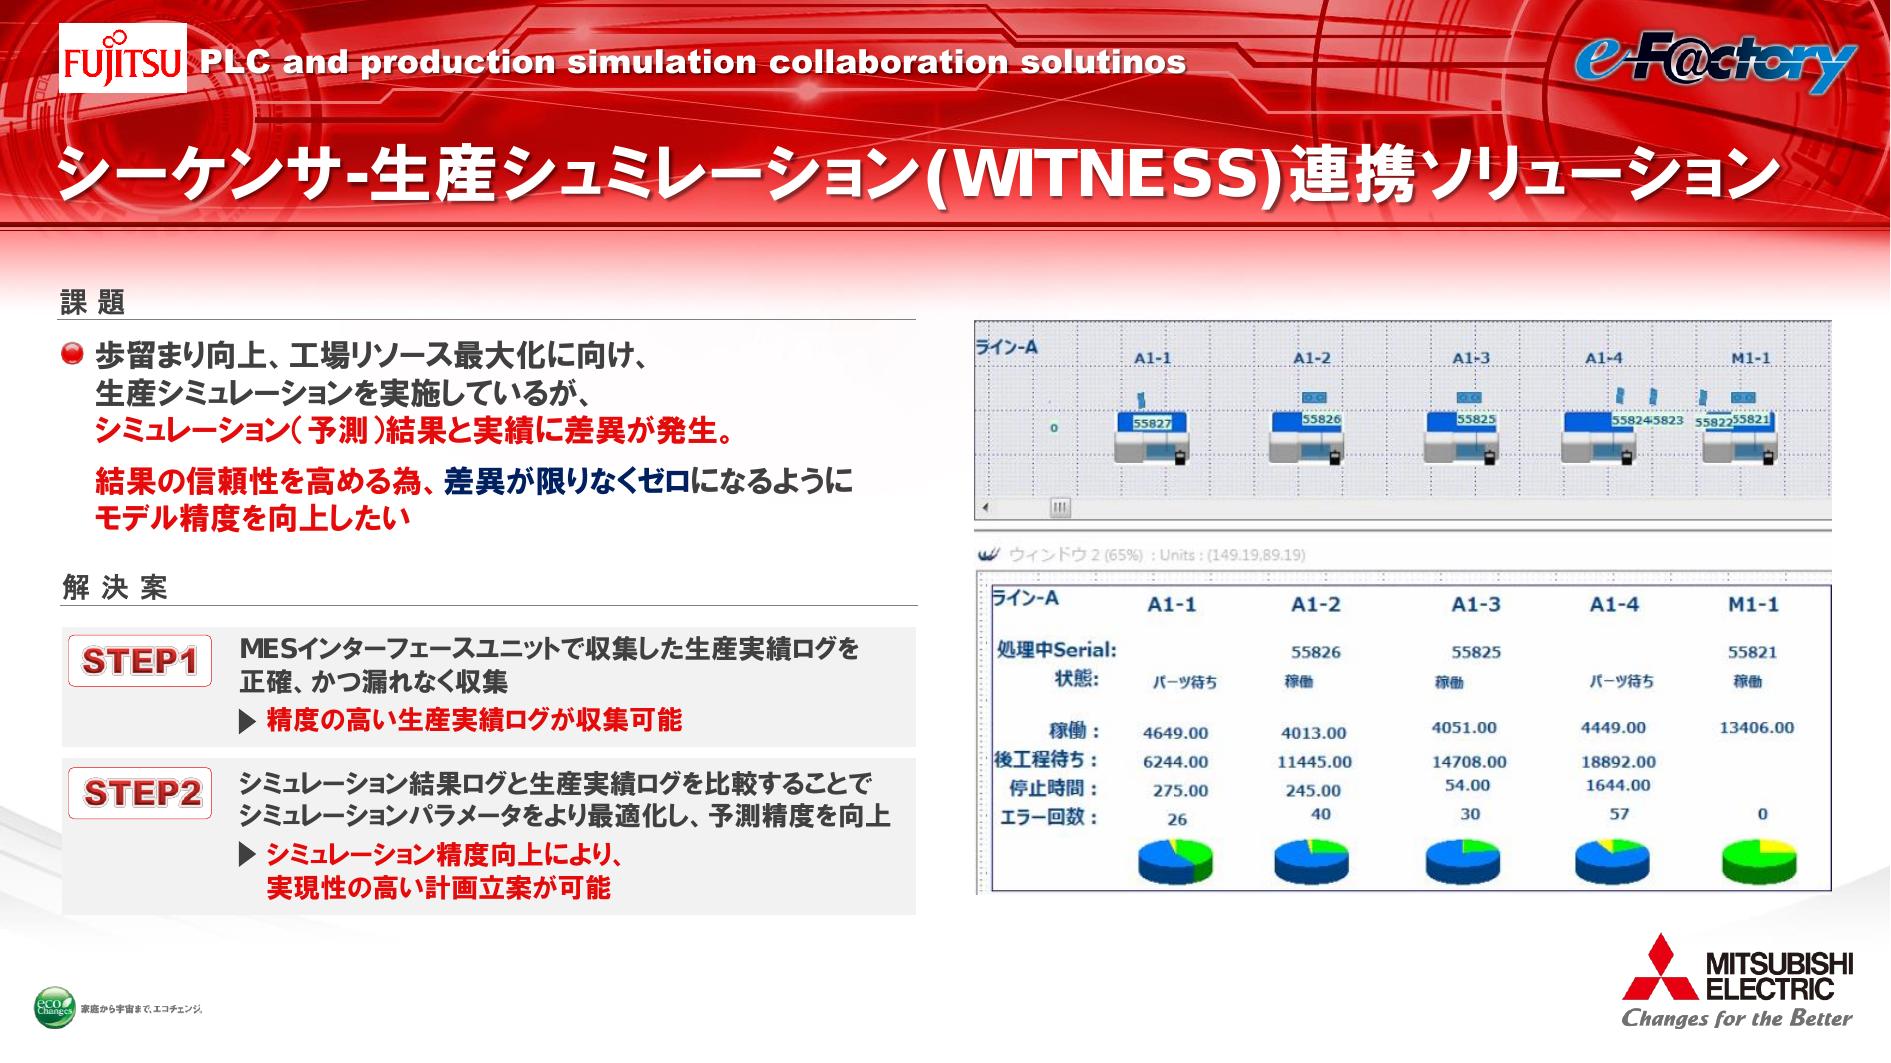 [富士通]シーケンサと連携した精度の高い生産シュミレーション WITNESS